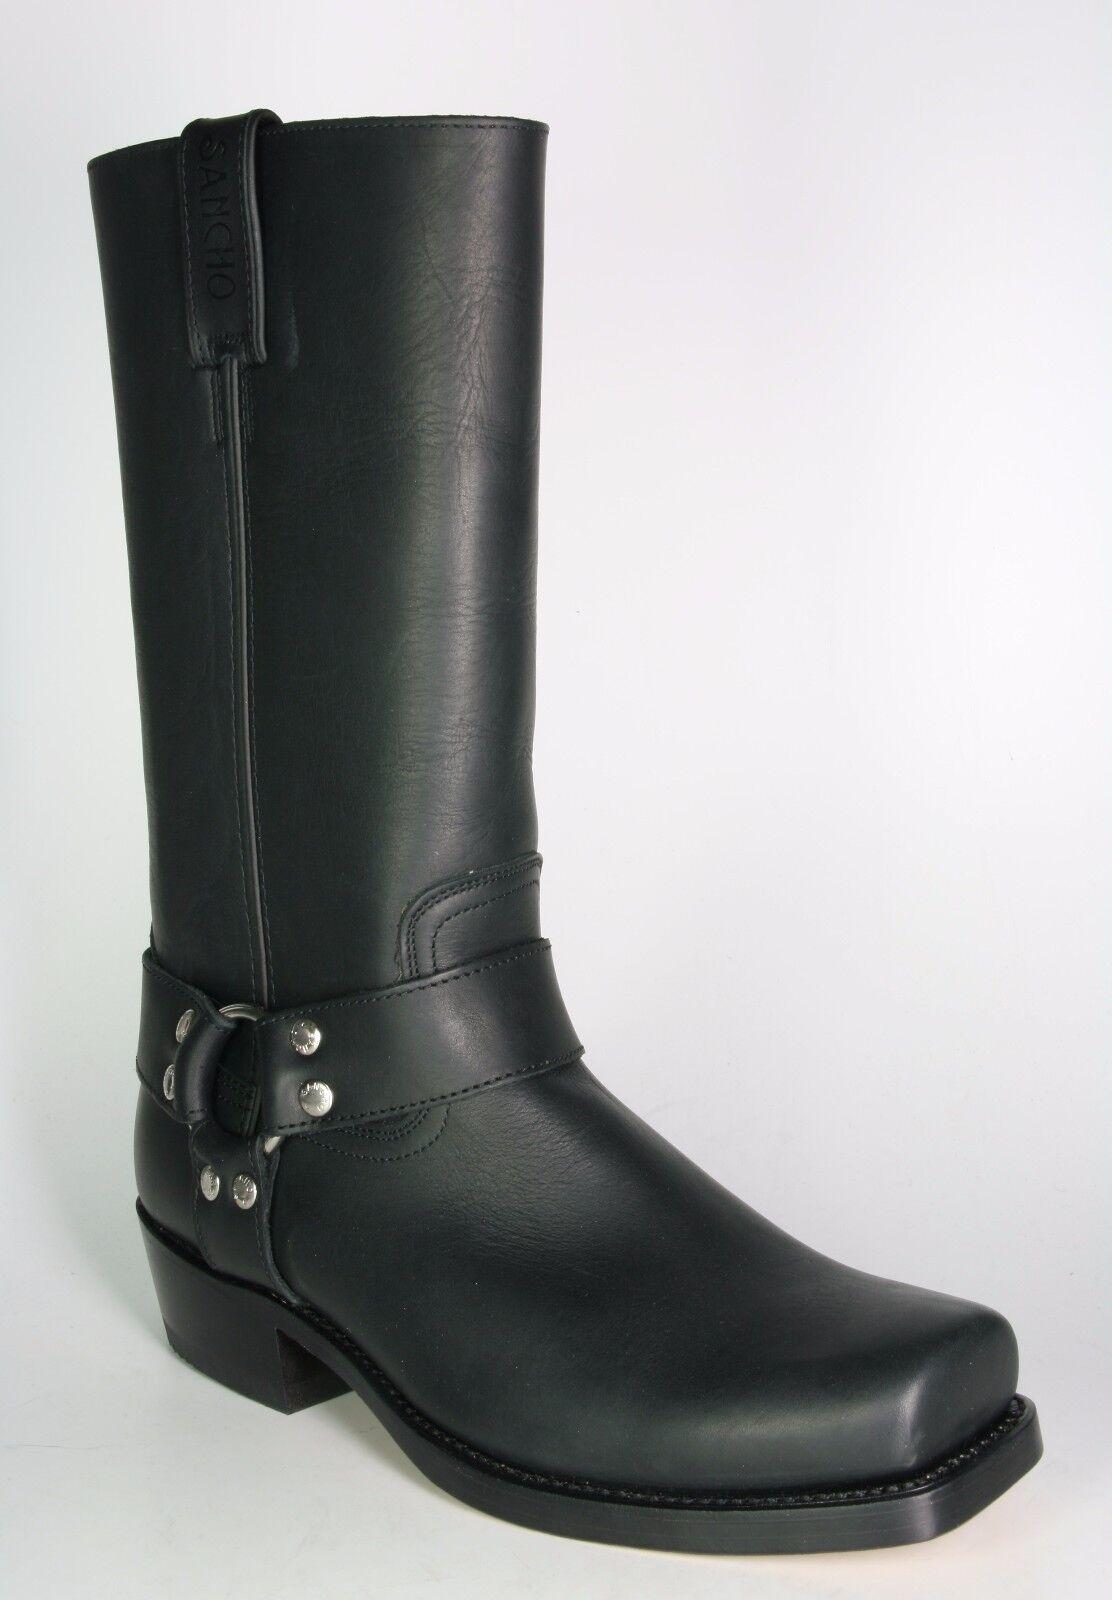 0541 Sancho BikerStiefel schwarz schwarz Rahmengenähte Stiefel Echt Leder